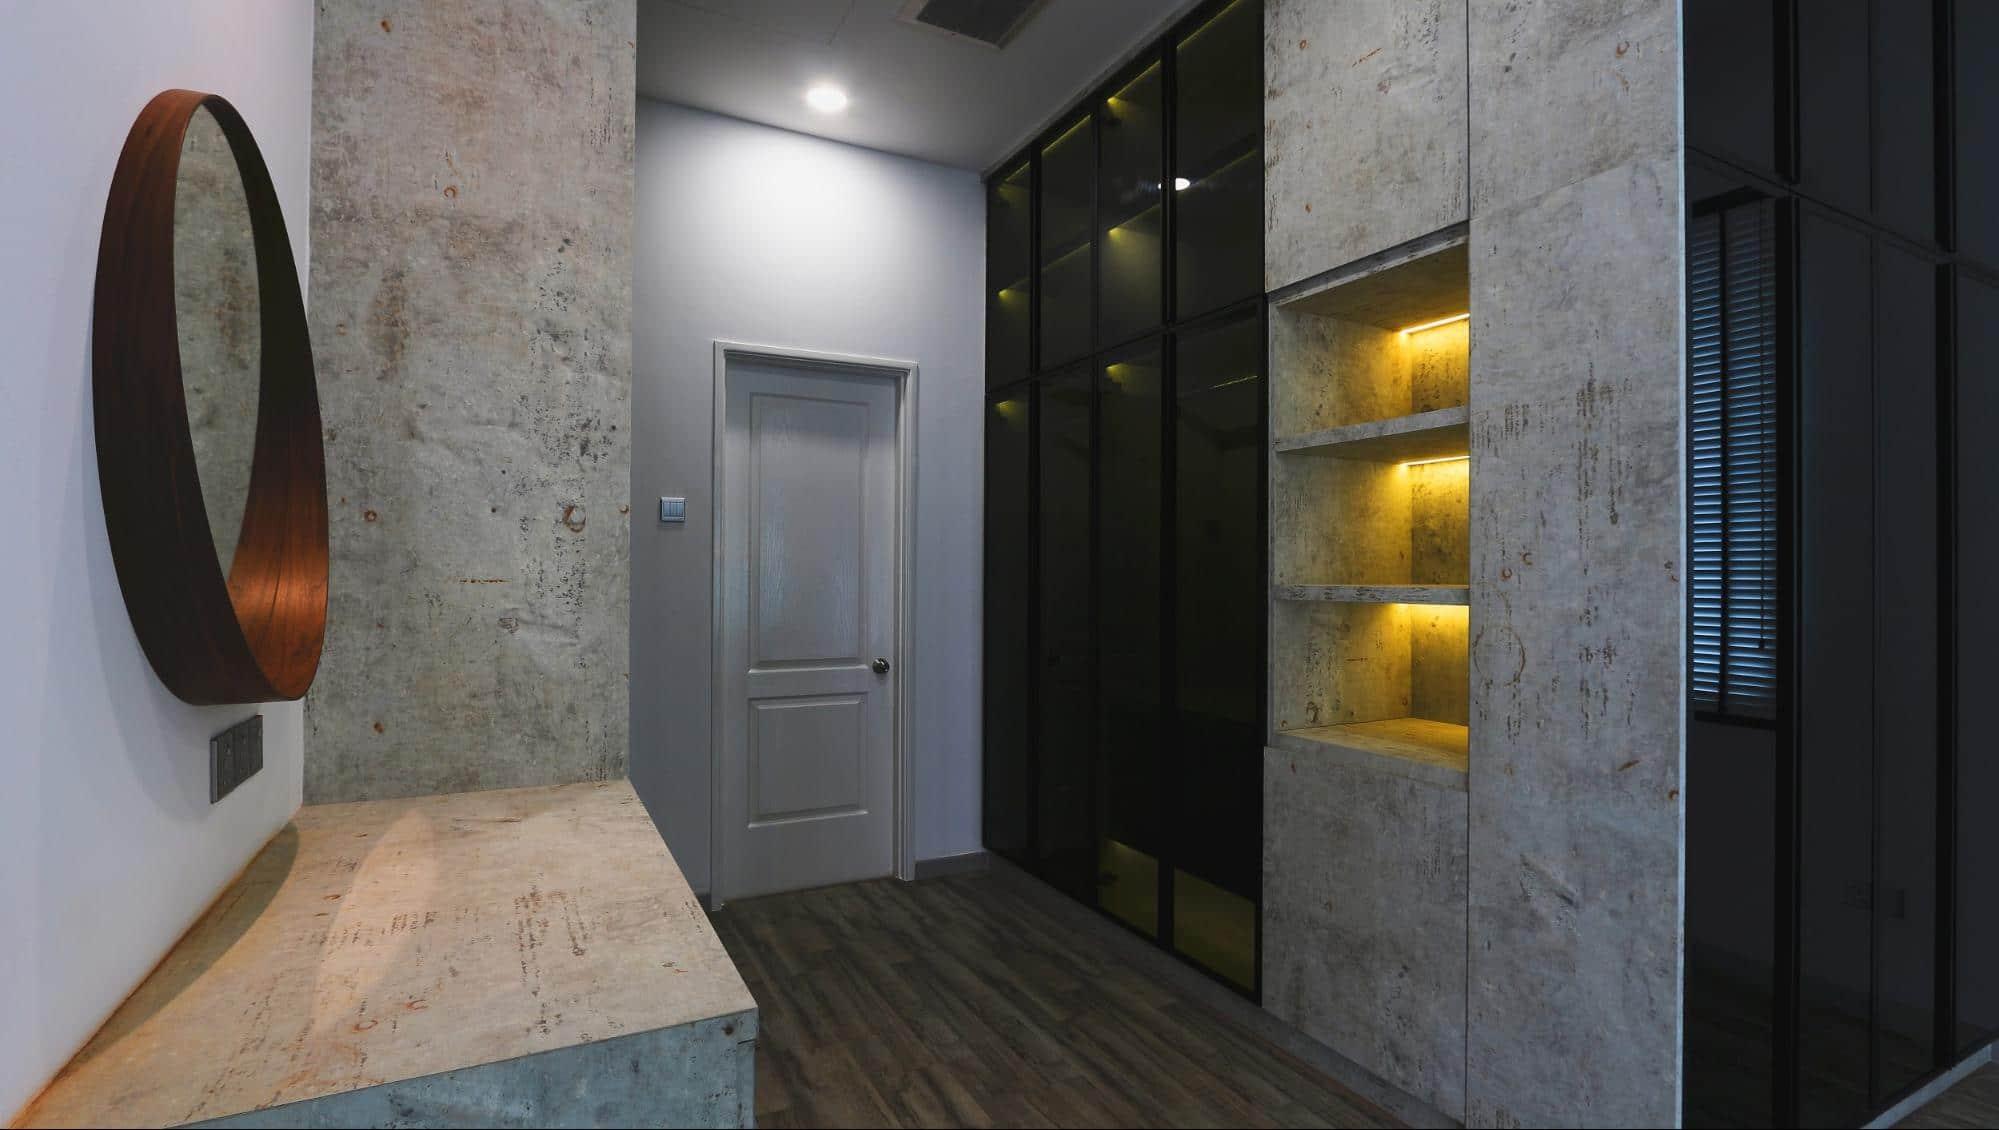 Grey mirror wardrobes in modern industrial design